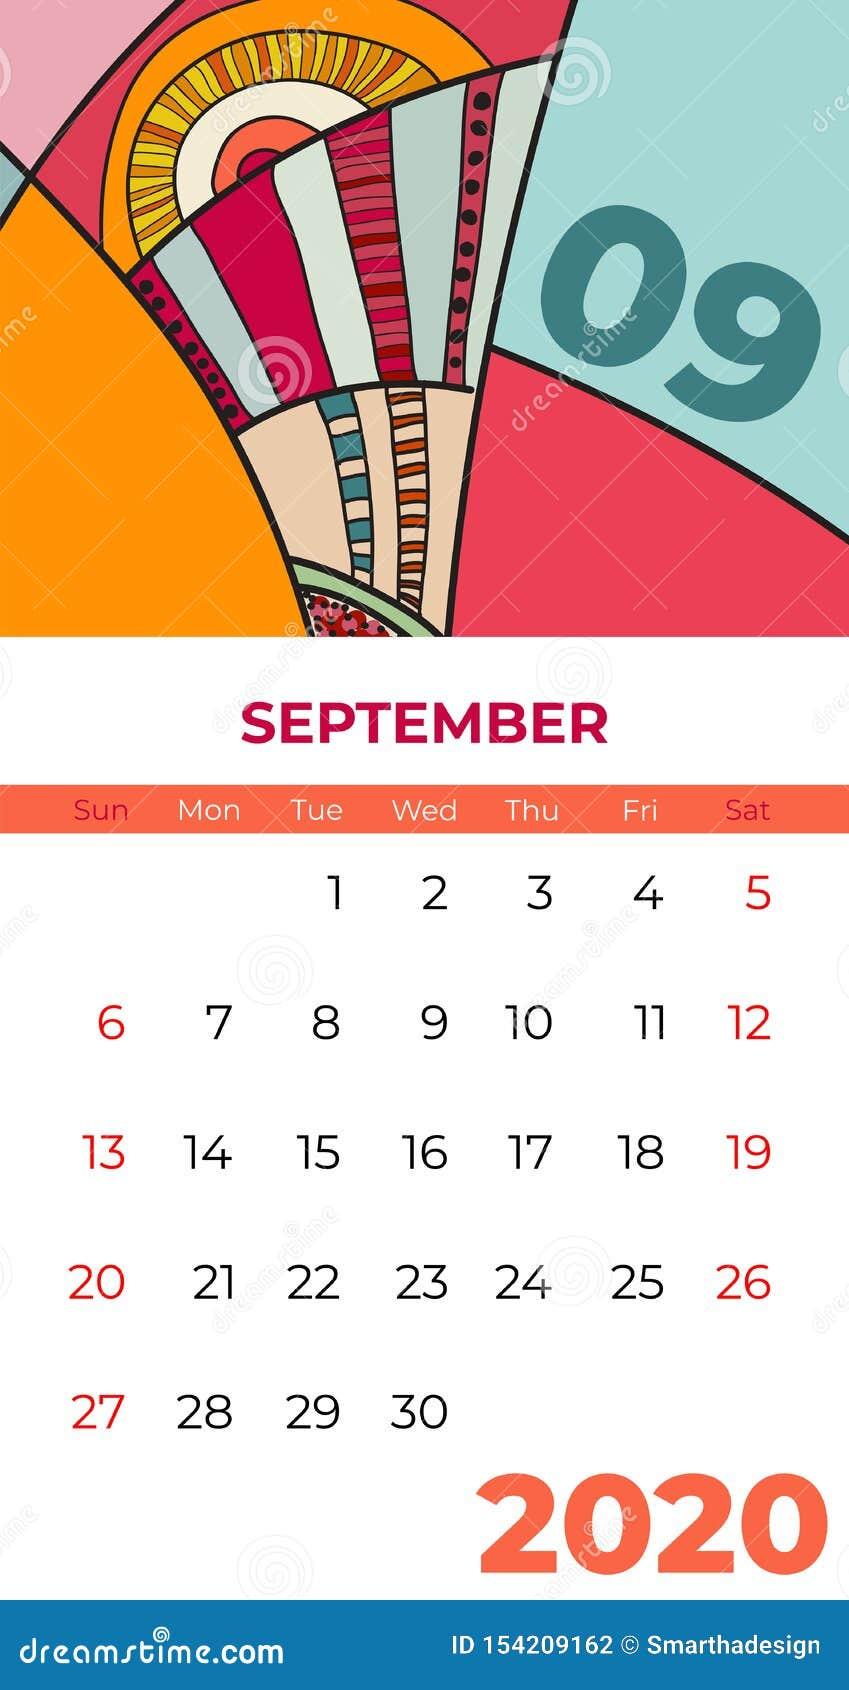 Del 2020 vector del arte contemporáneo del extracto del calendario de septiembre Escritorio, pantalla, mes de escritorio 09, 2020